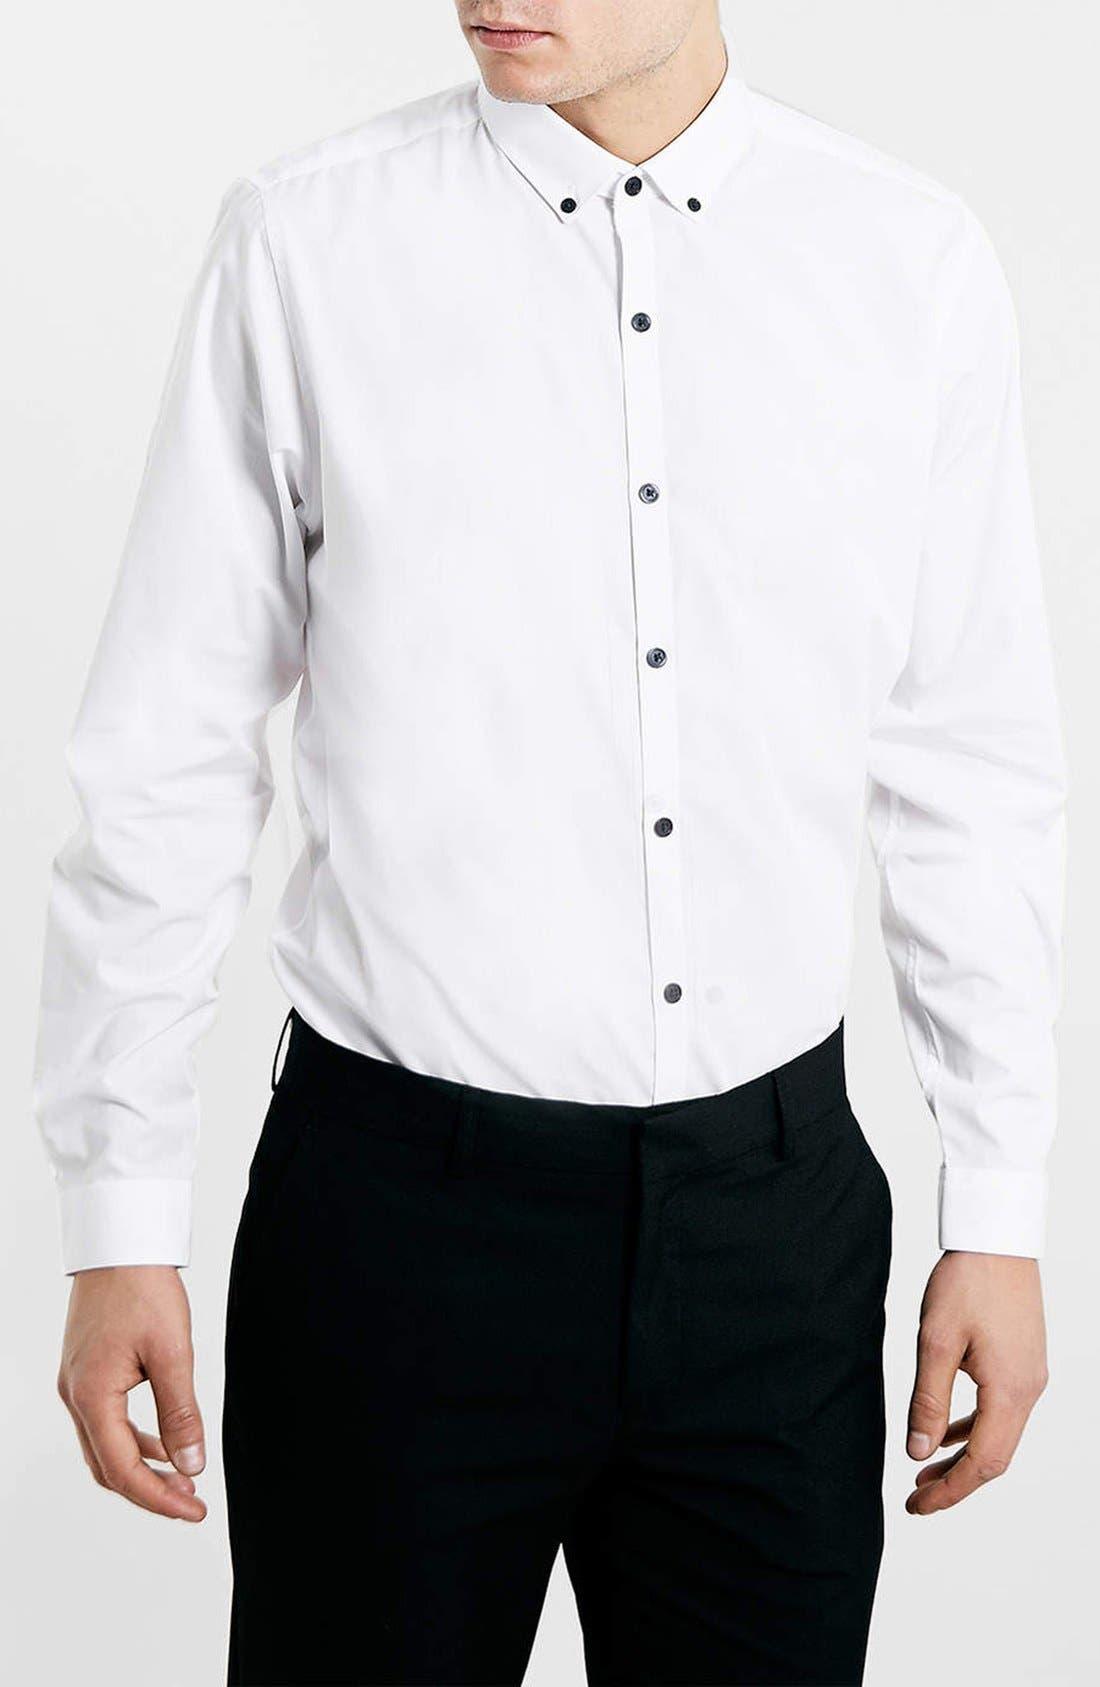 Main Image - Topman Slim Fit Dress Shirt